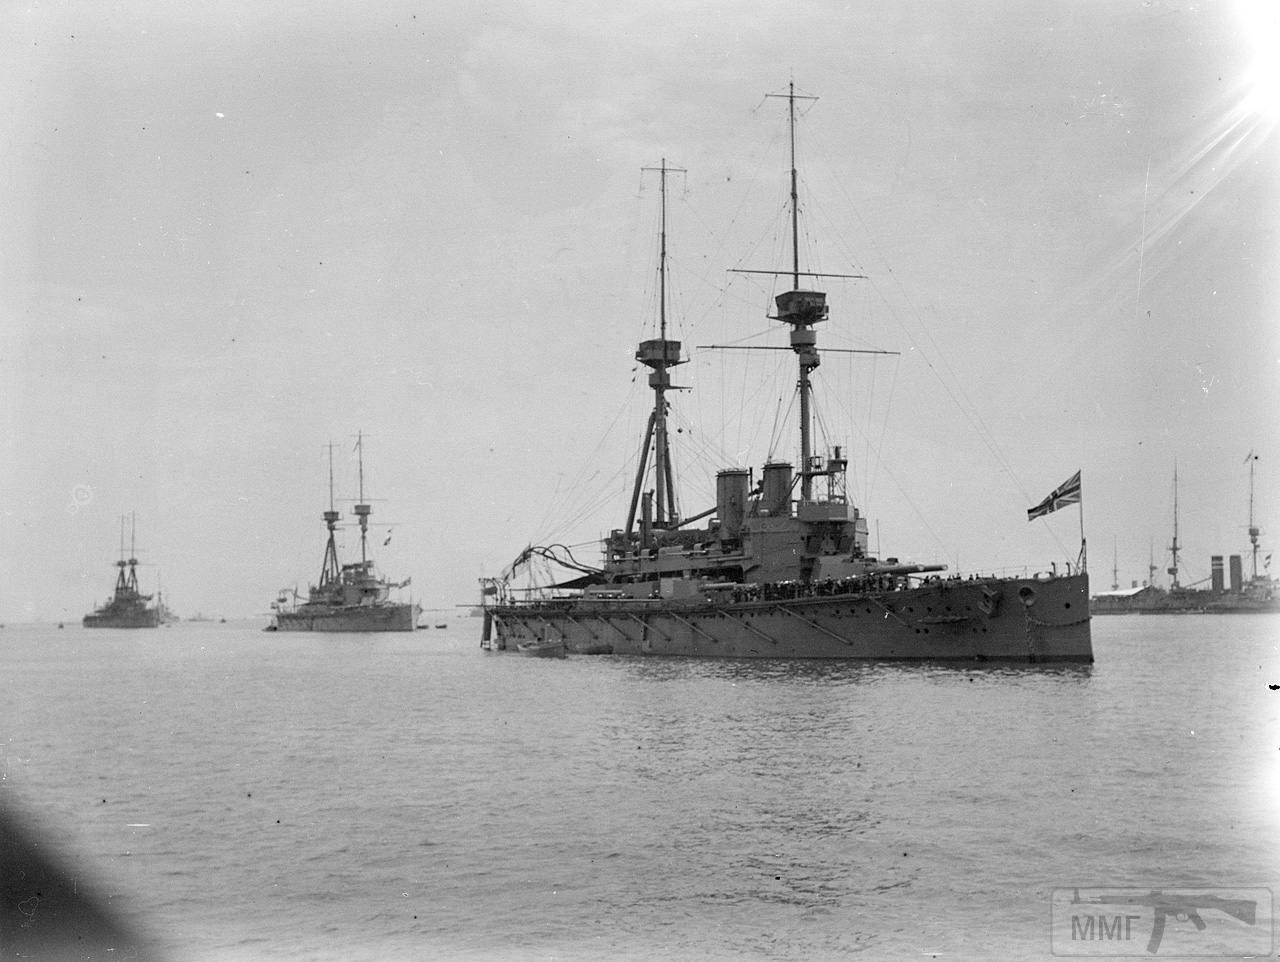 21233 - Броненосцы, дредноуты, линкоры и крейсера Британии